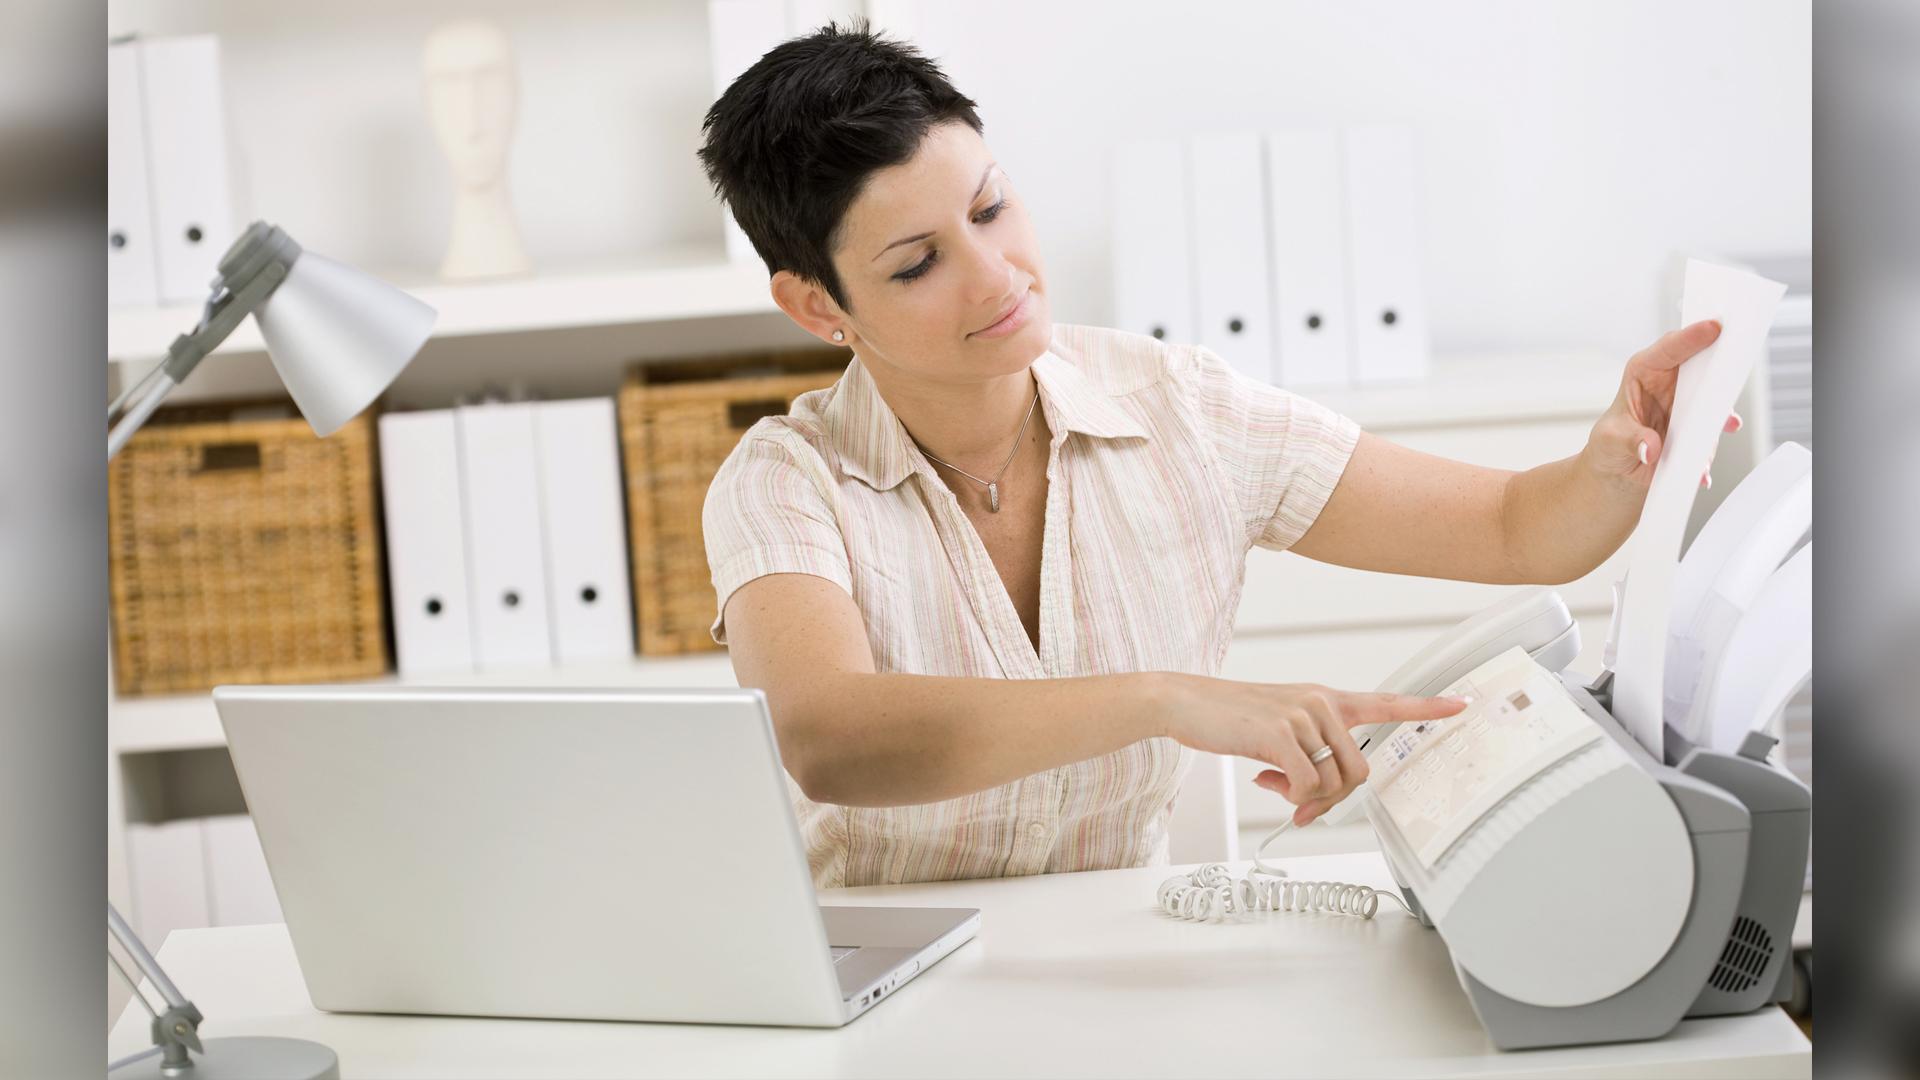 How do fax machines work? ZZoSwtwvjWTnoQZUtDU2yM